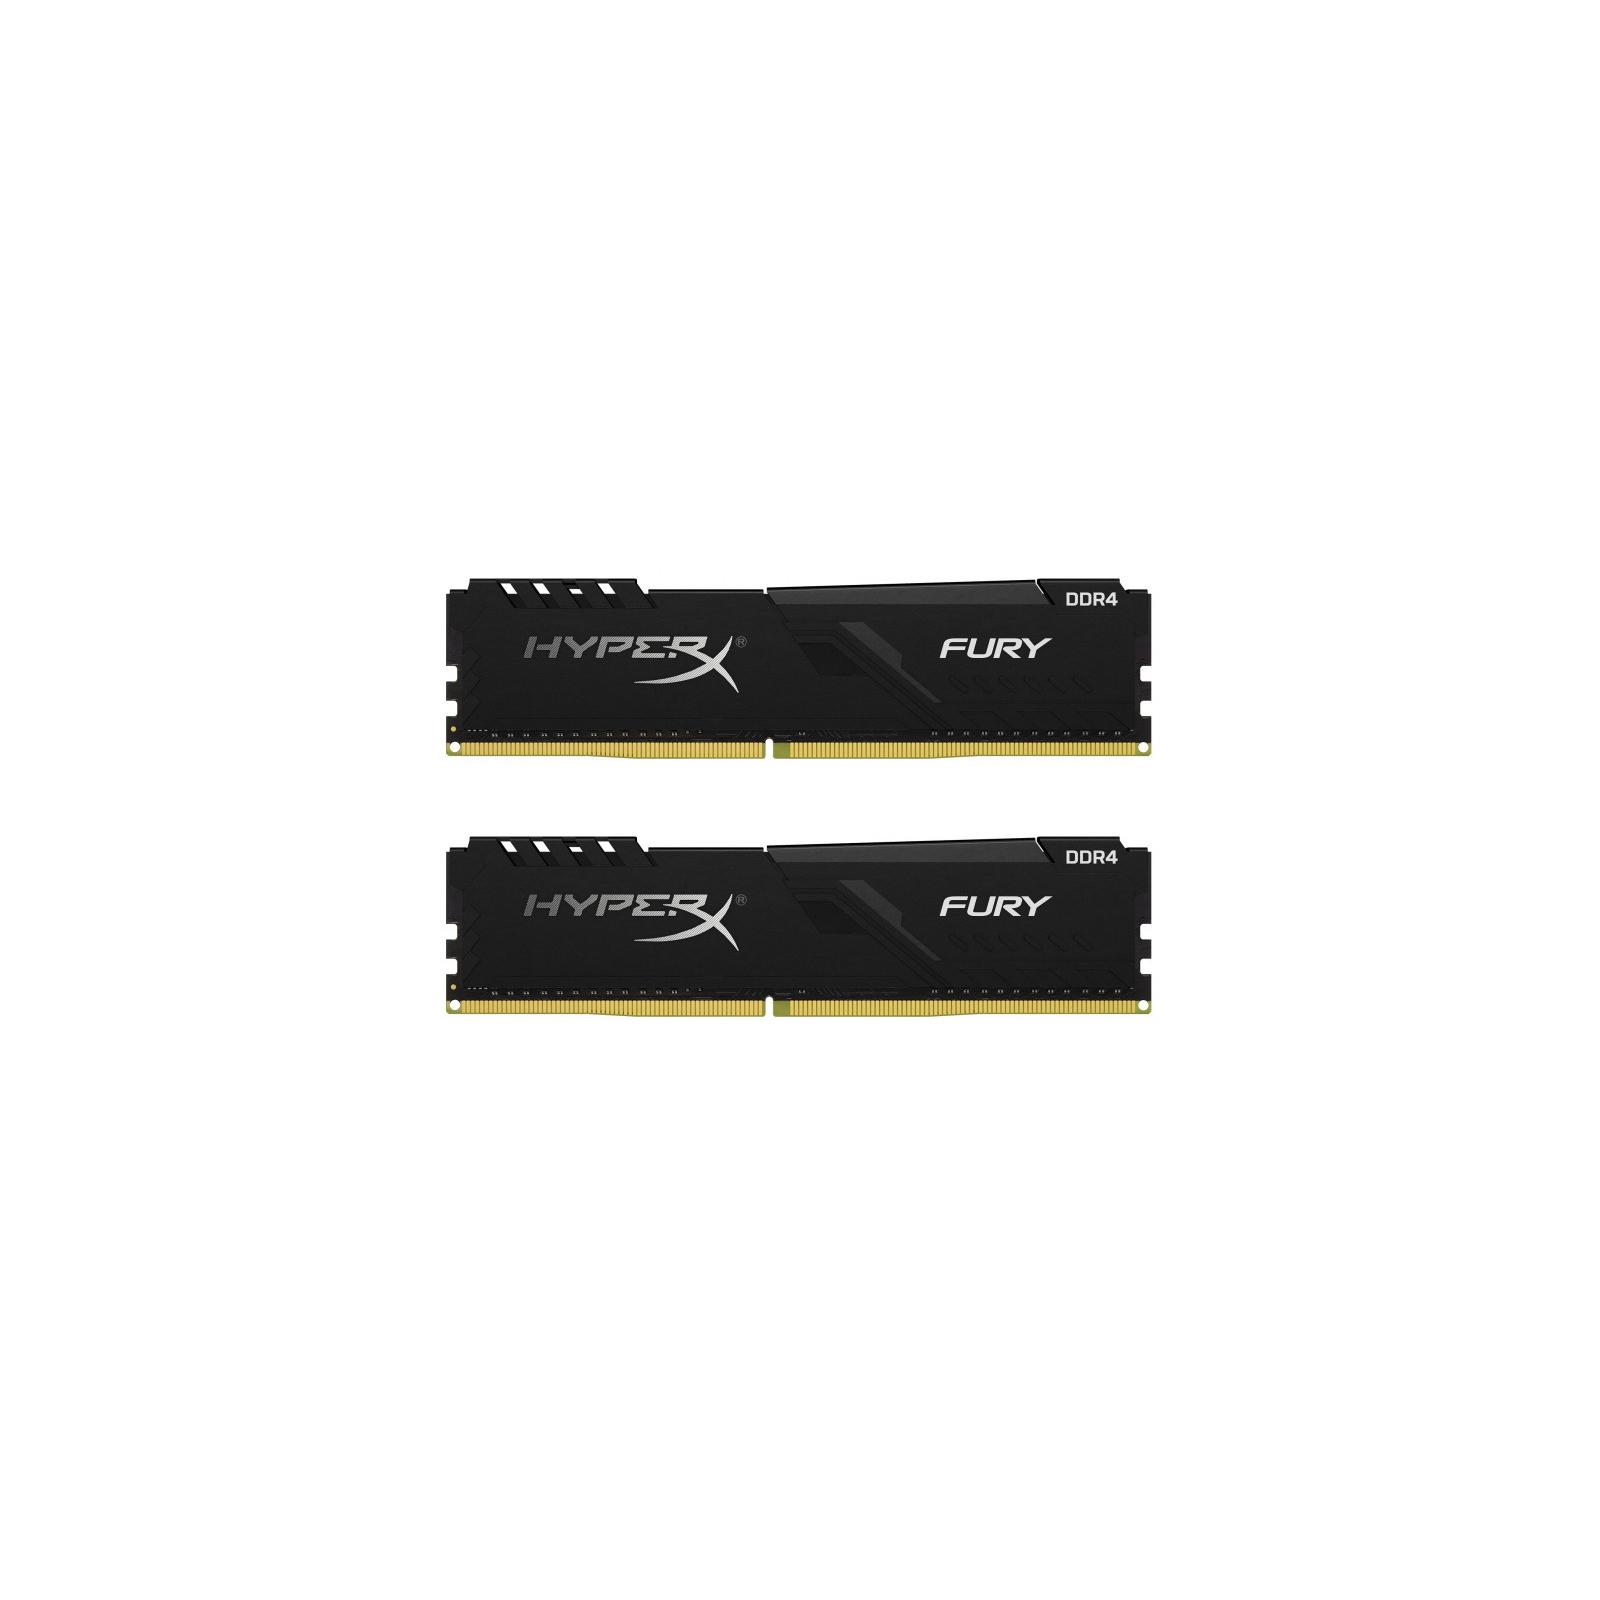 Модуль памяти для компьютера DDR4 64GB (2x32GB) 3000 MHz HyperX Fury Black Kingston (HX430C16FB3K2/64)